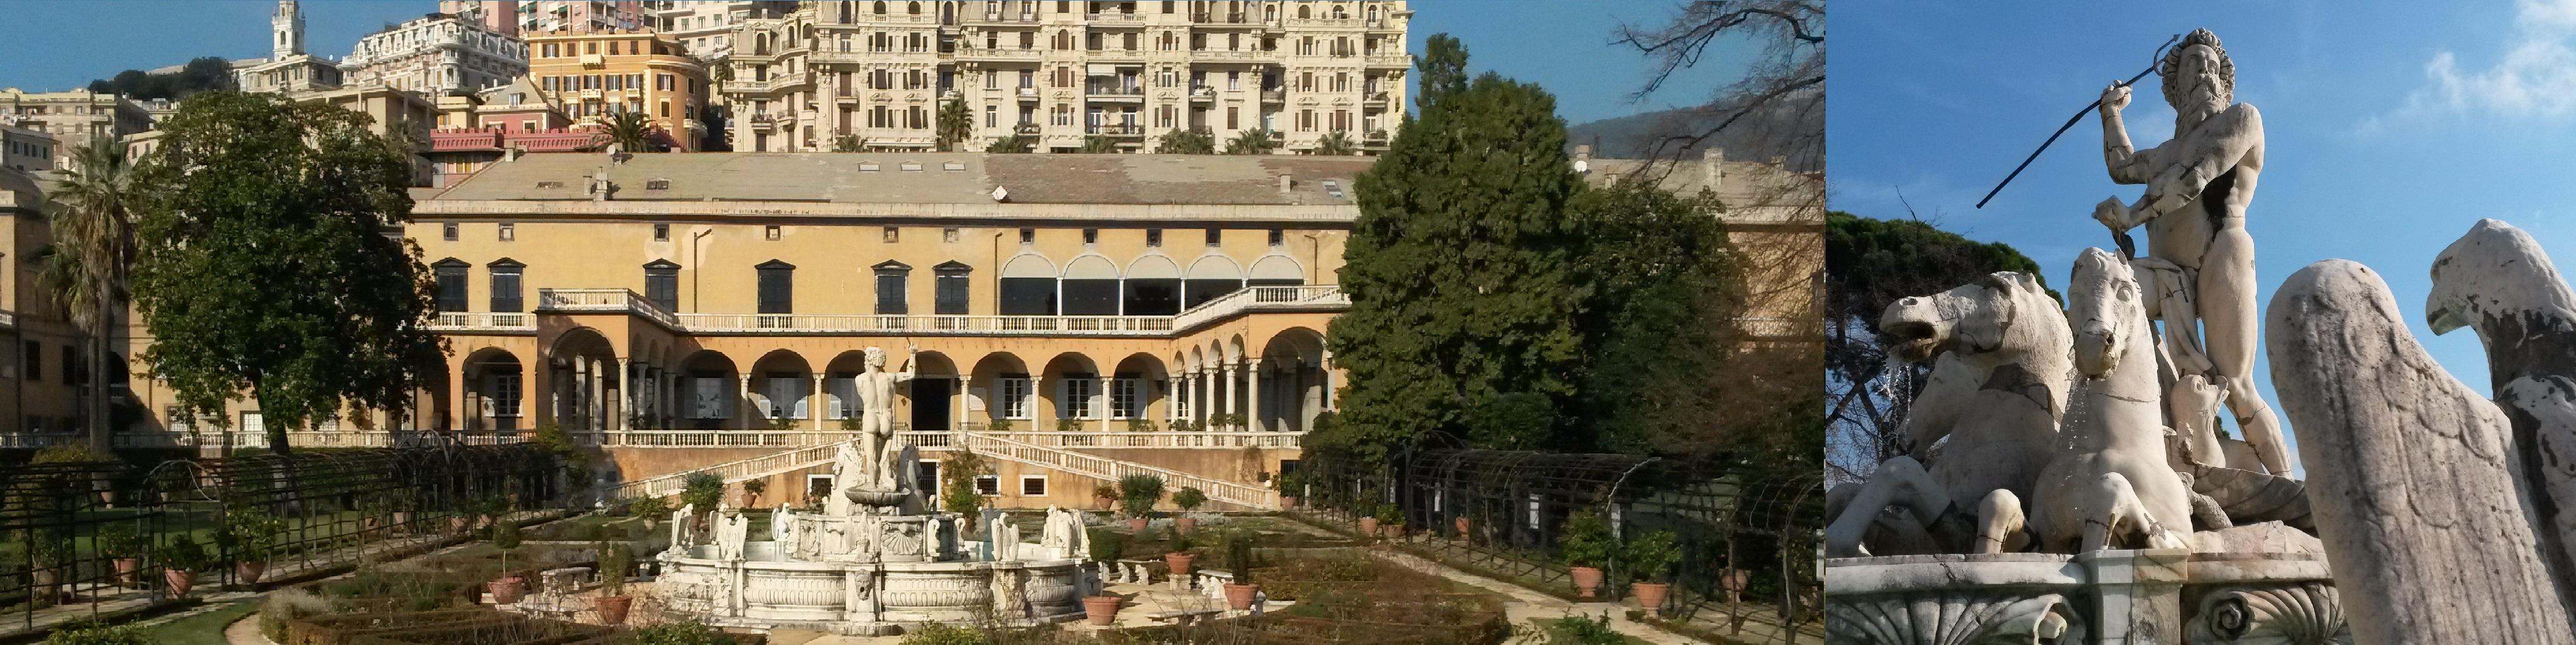 Alla scoperta di genova in 24 ore - Genova porta principe ...